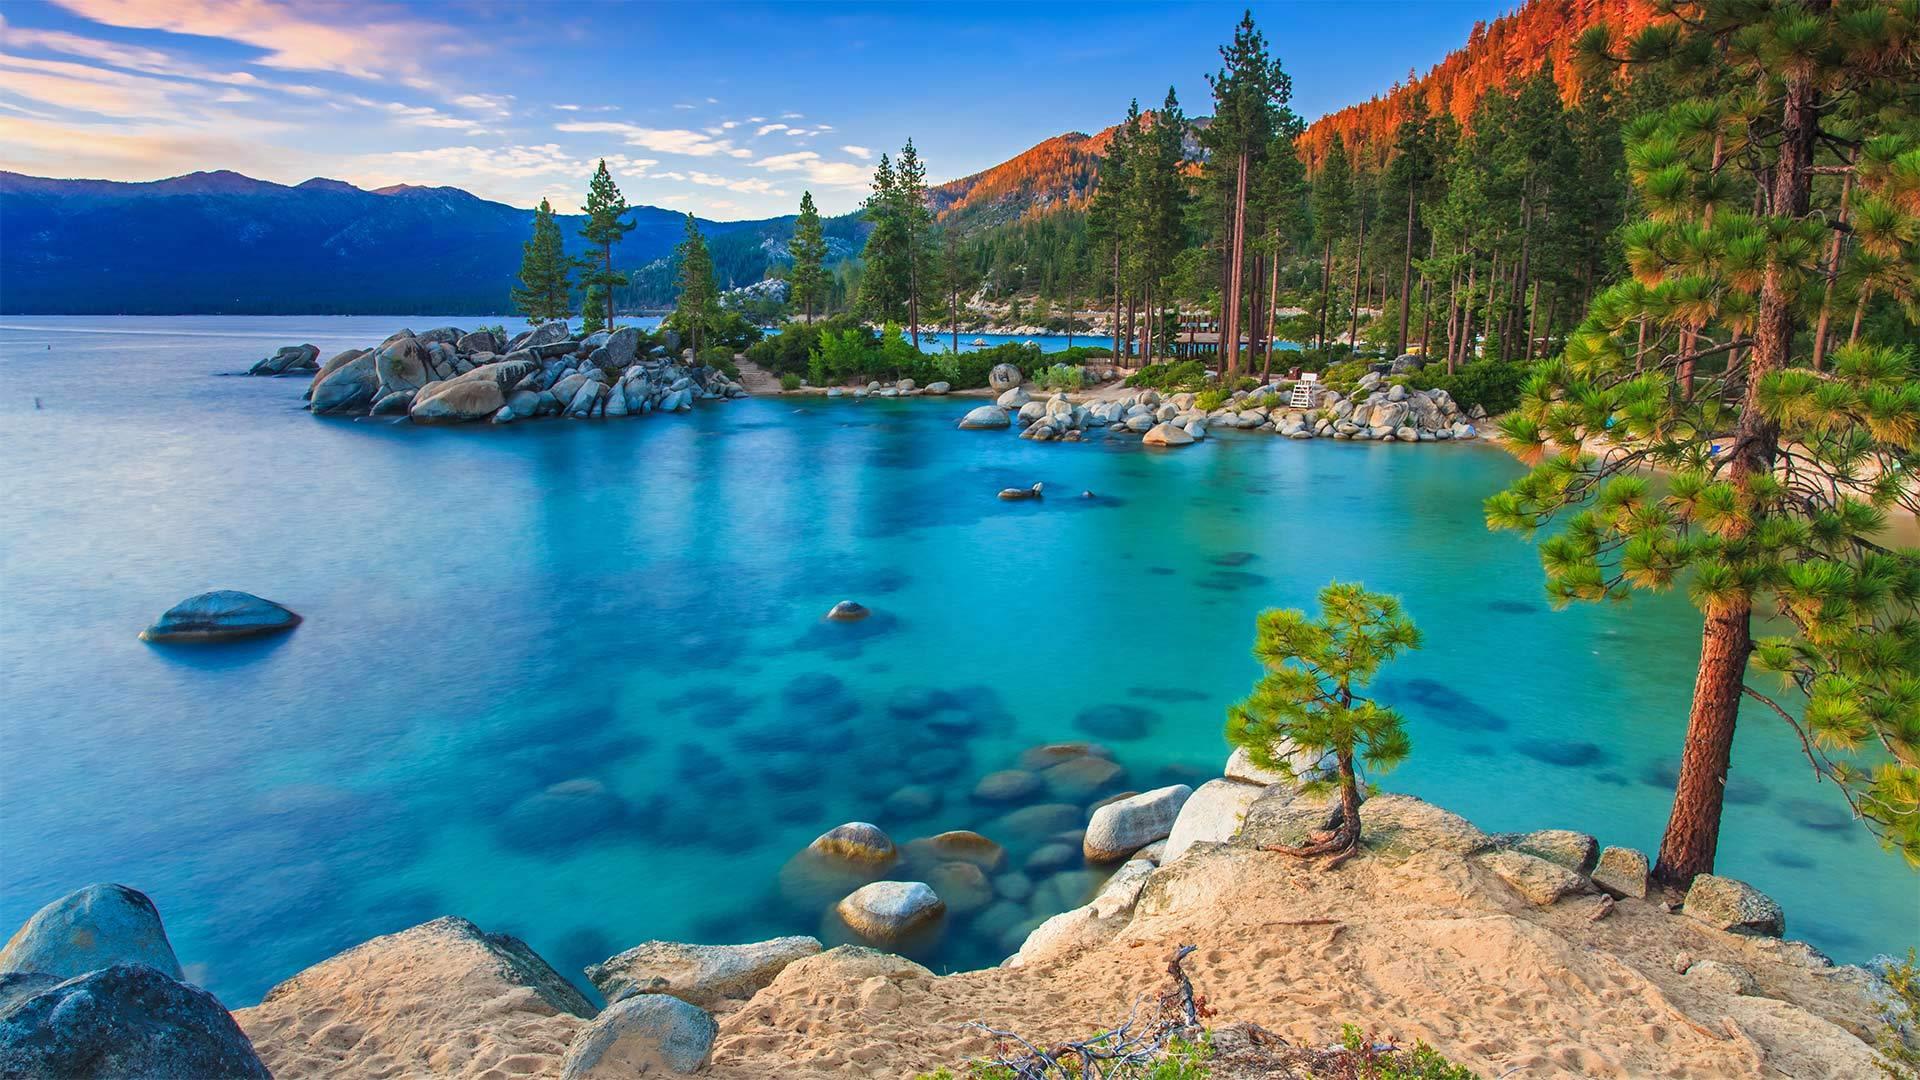 塔霍湖国家公园中的沙港塔霍湖